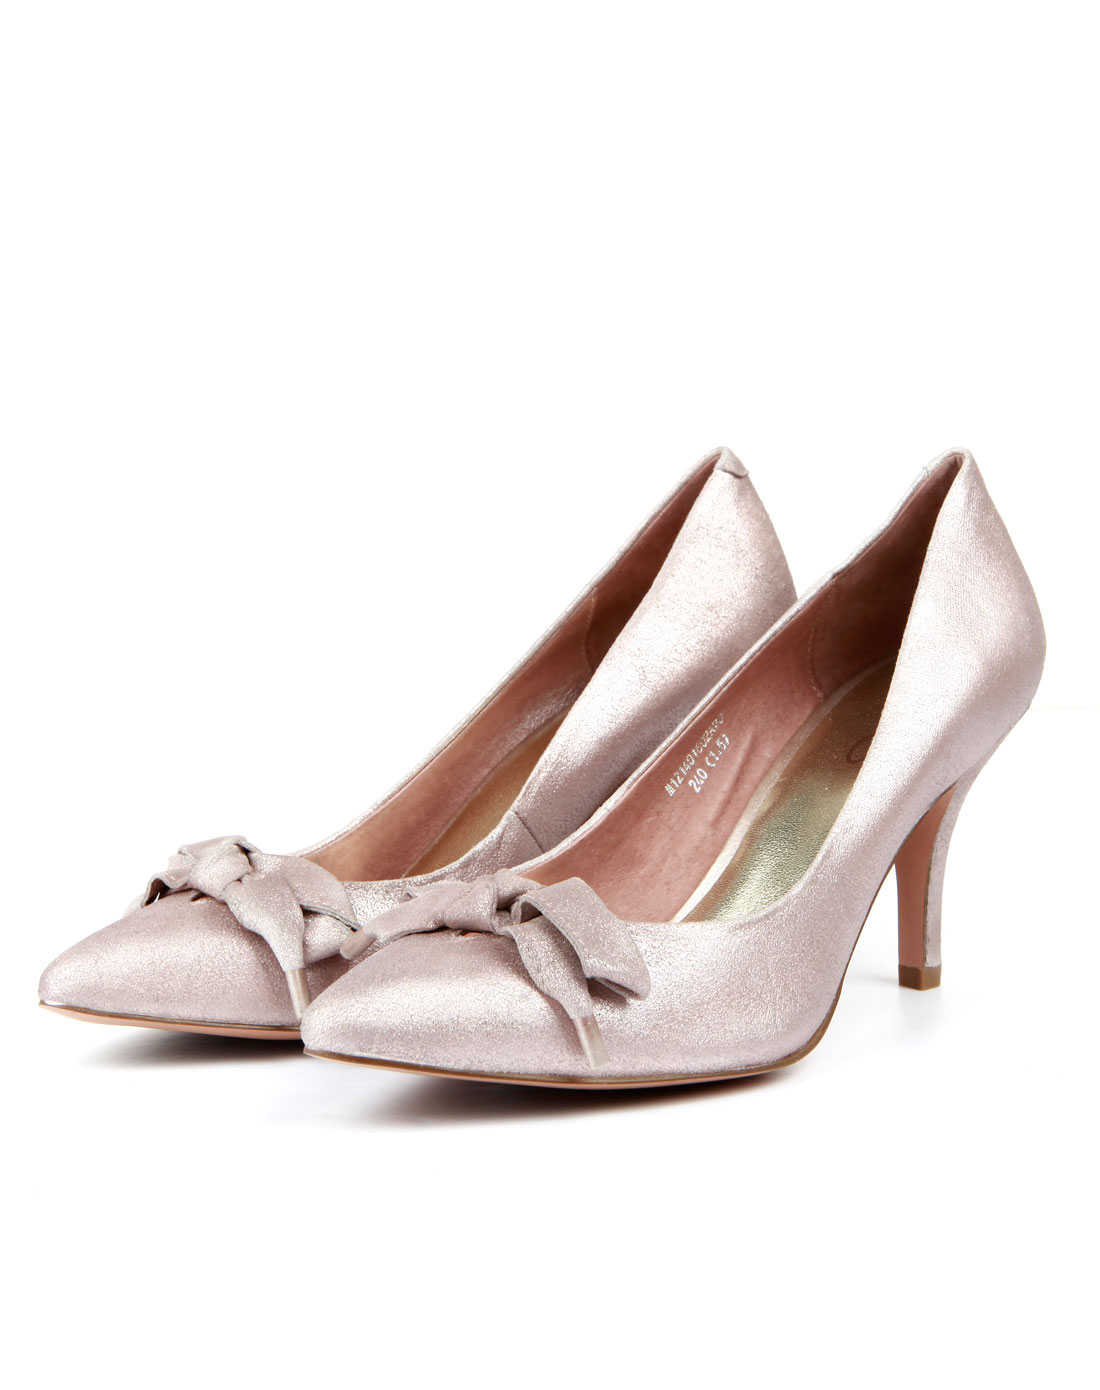 粉色蝴蝶结尖头高跟单鞋